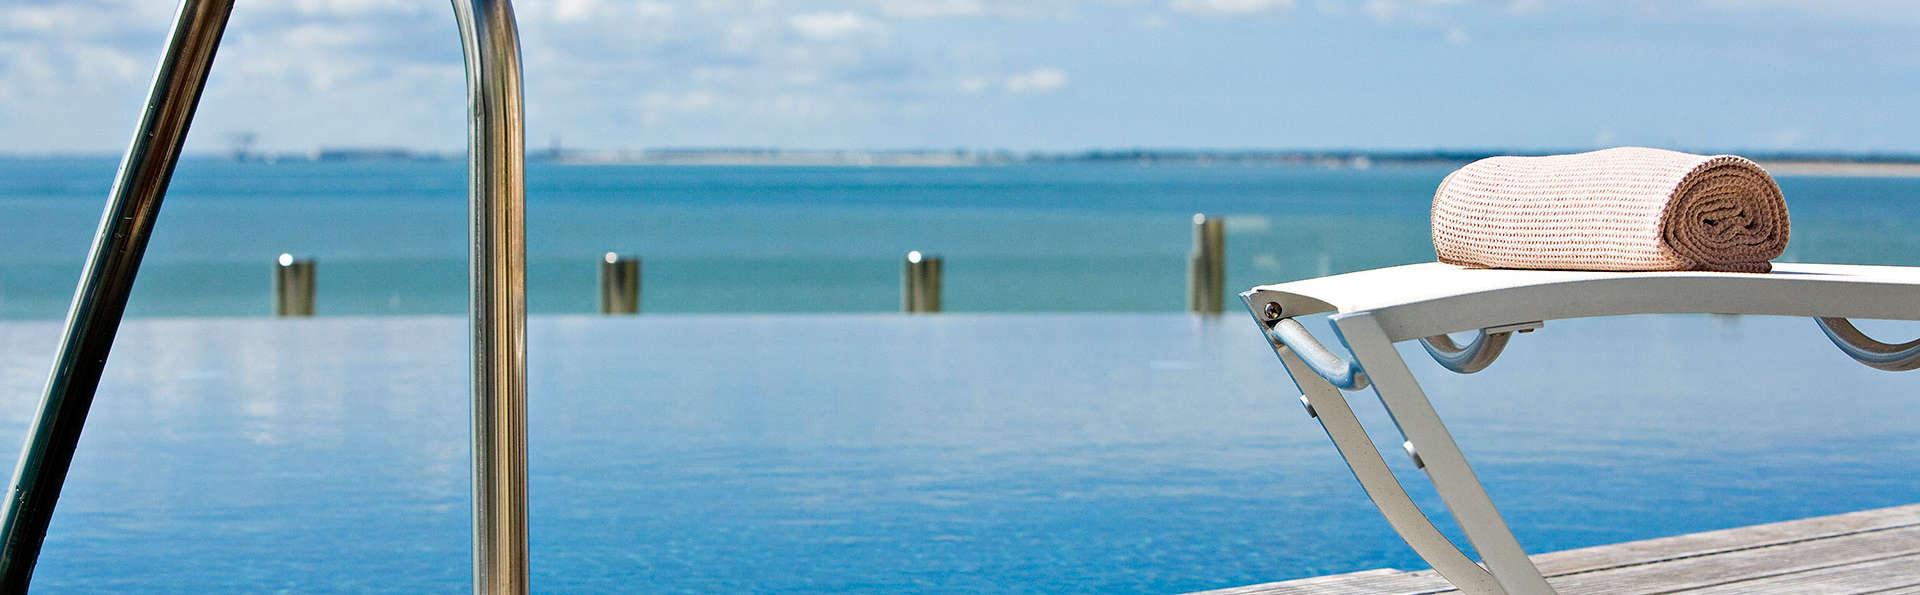 Thalasso & détente face à l'océan pour la Fête des Mères